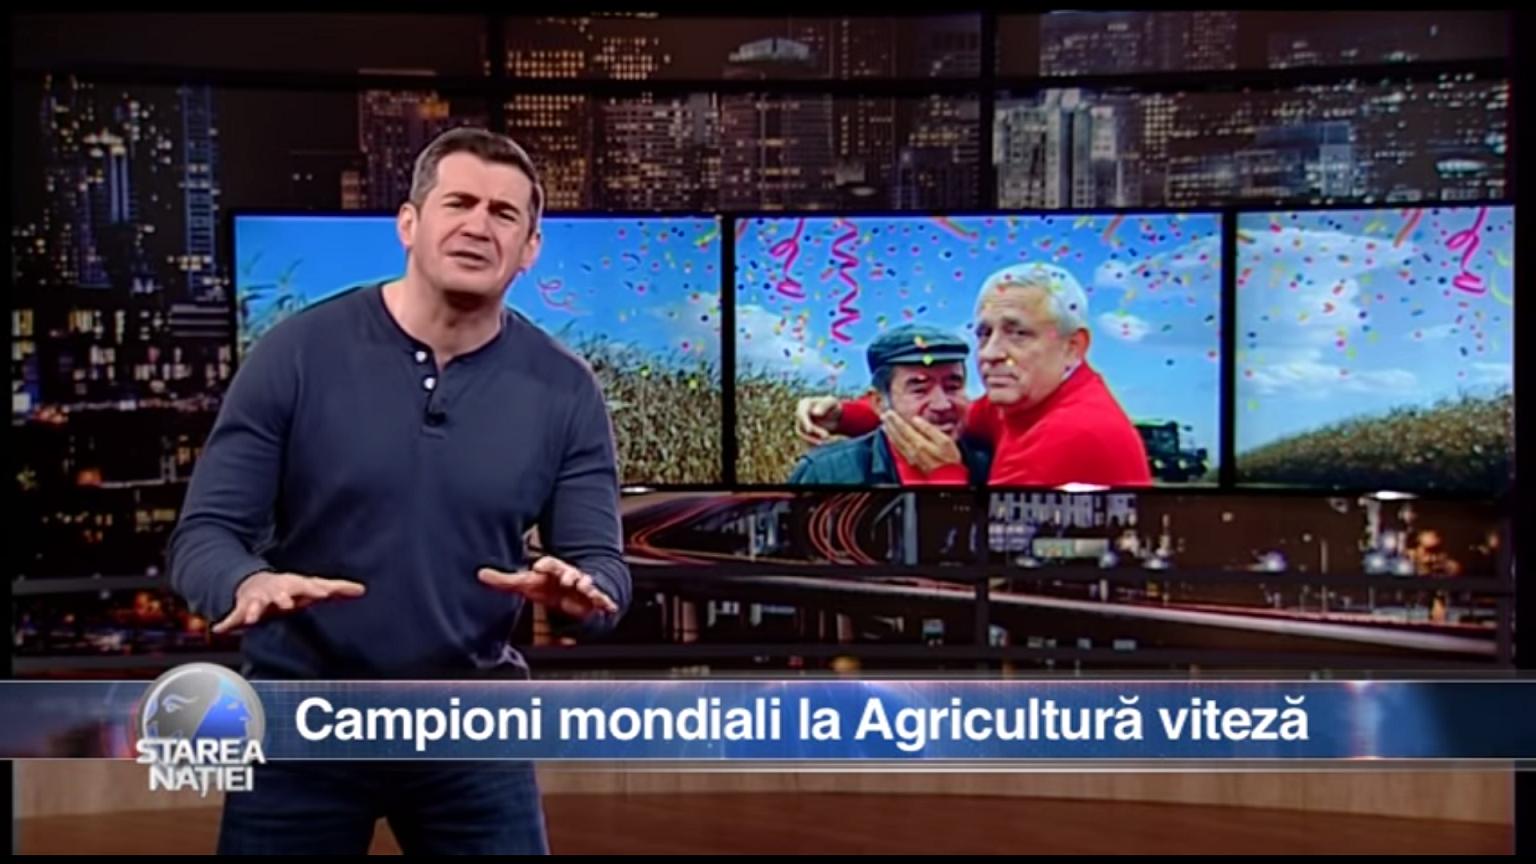 Campioni mondiali la Agricultură viteză